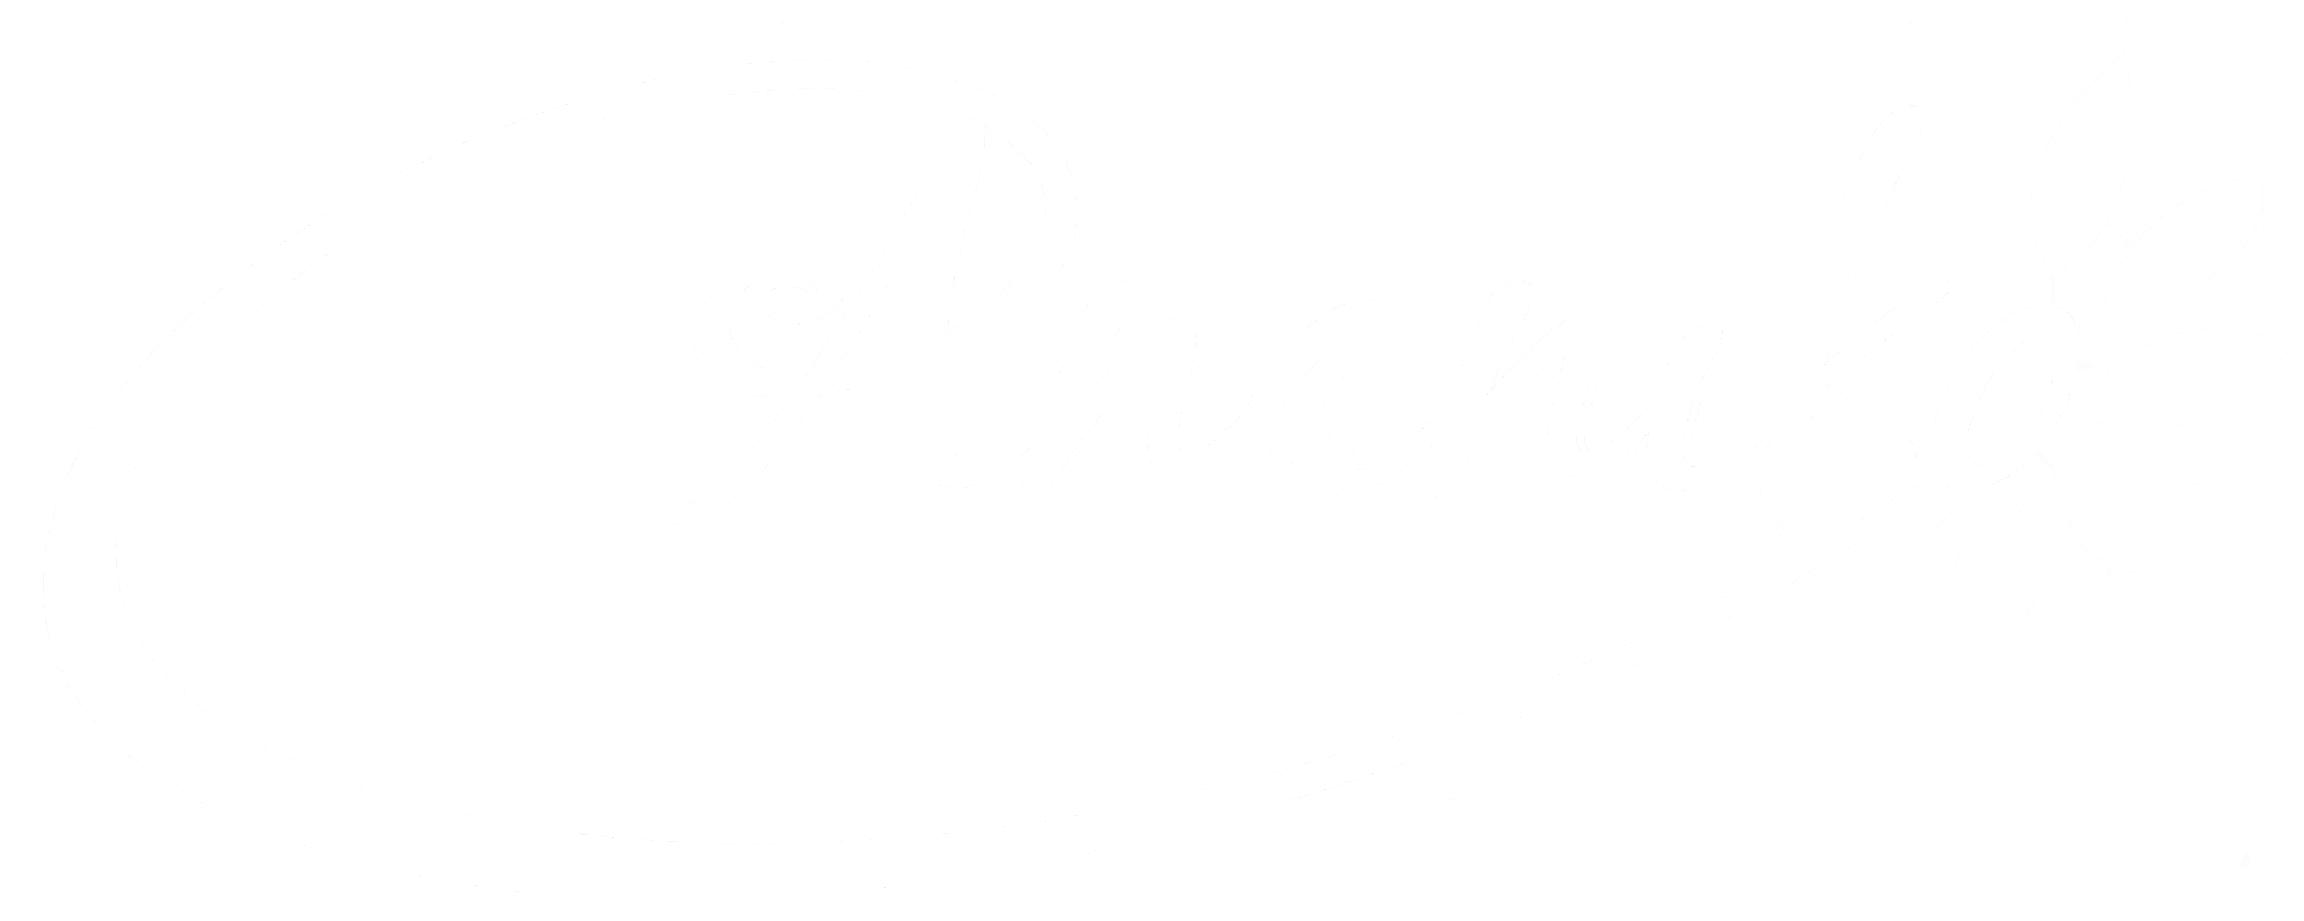 Ananiko logo